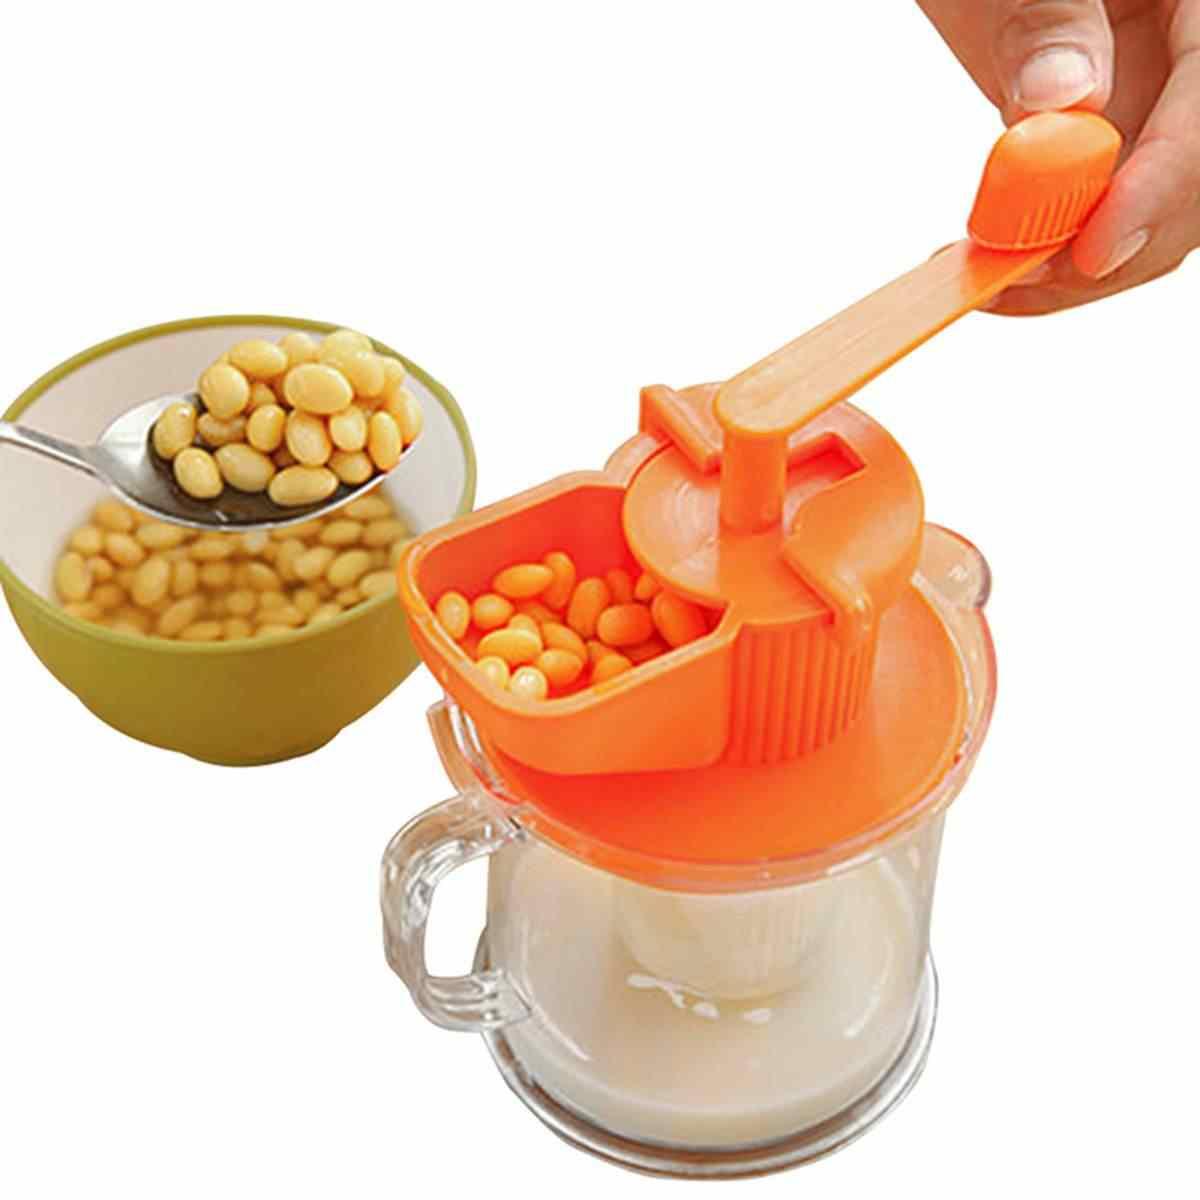 400ml mini máquina de suco de soja fabricante de leite de soja frutas legumes espremedor de alimentos plástico 14.5x9.5x9.5 cm